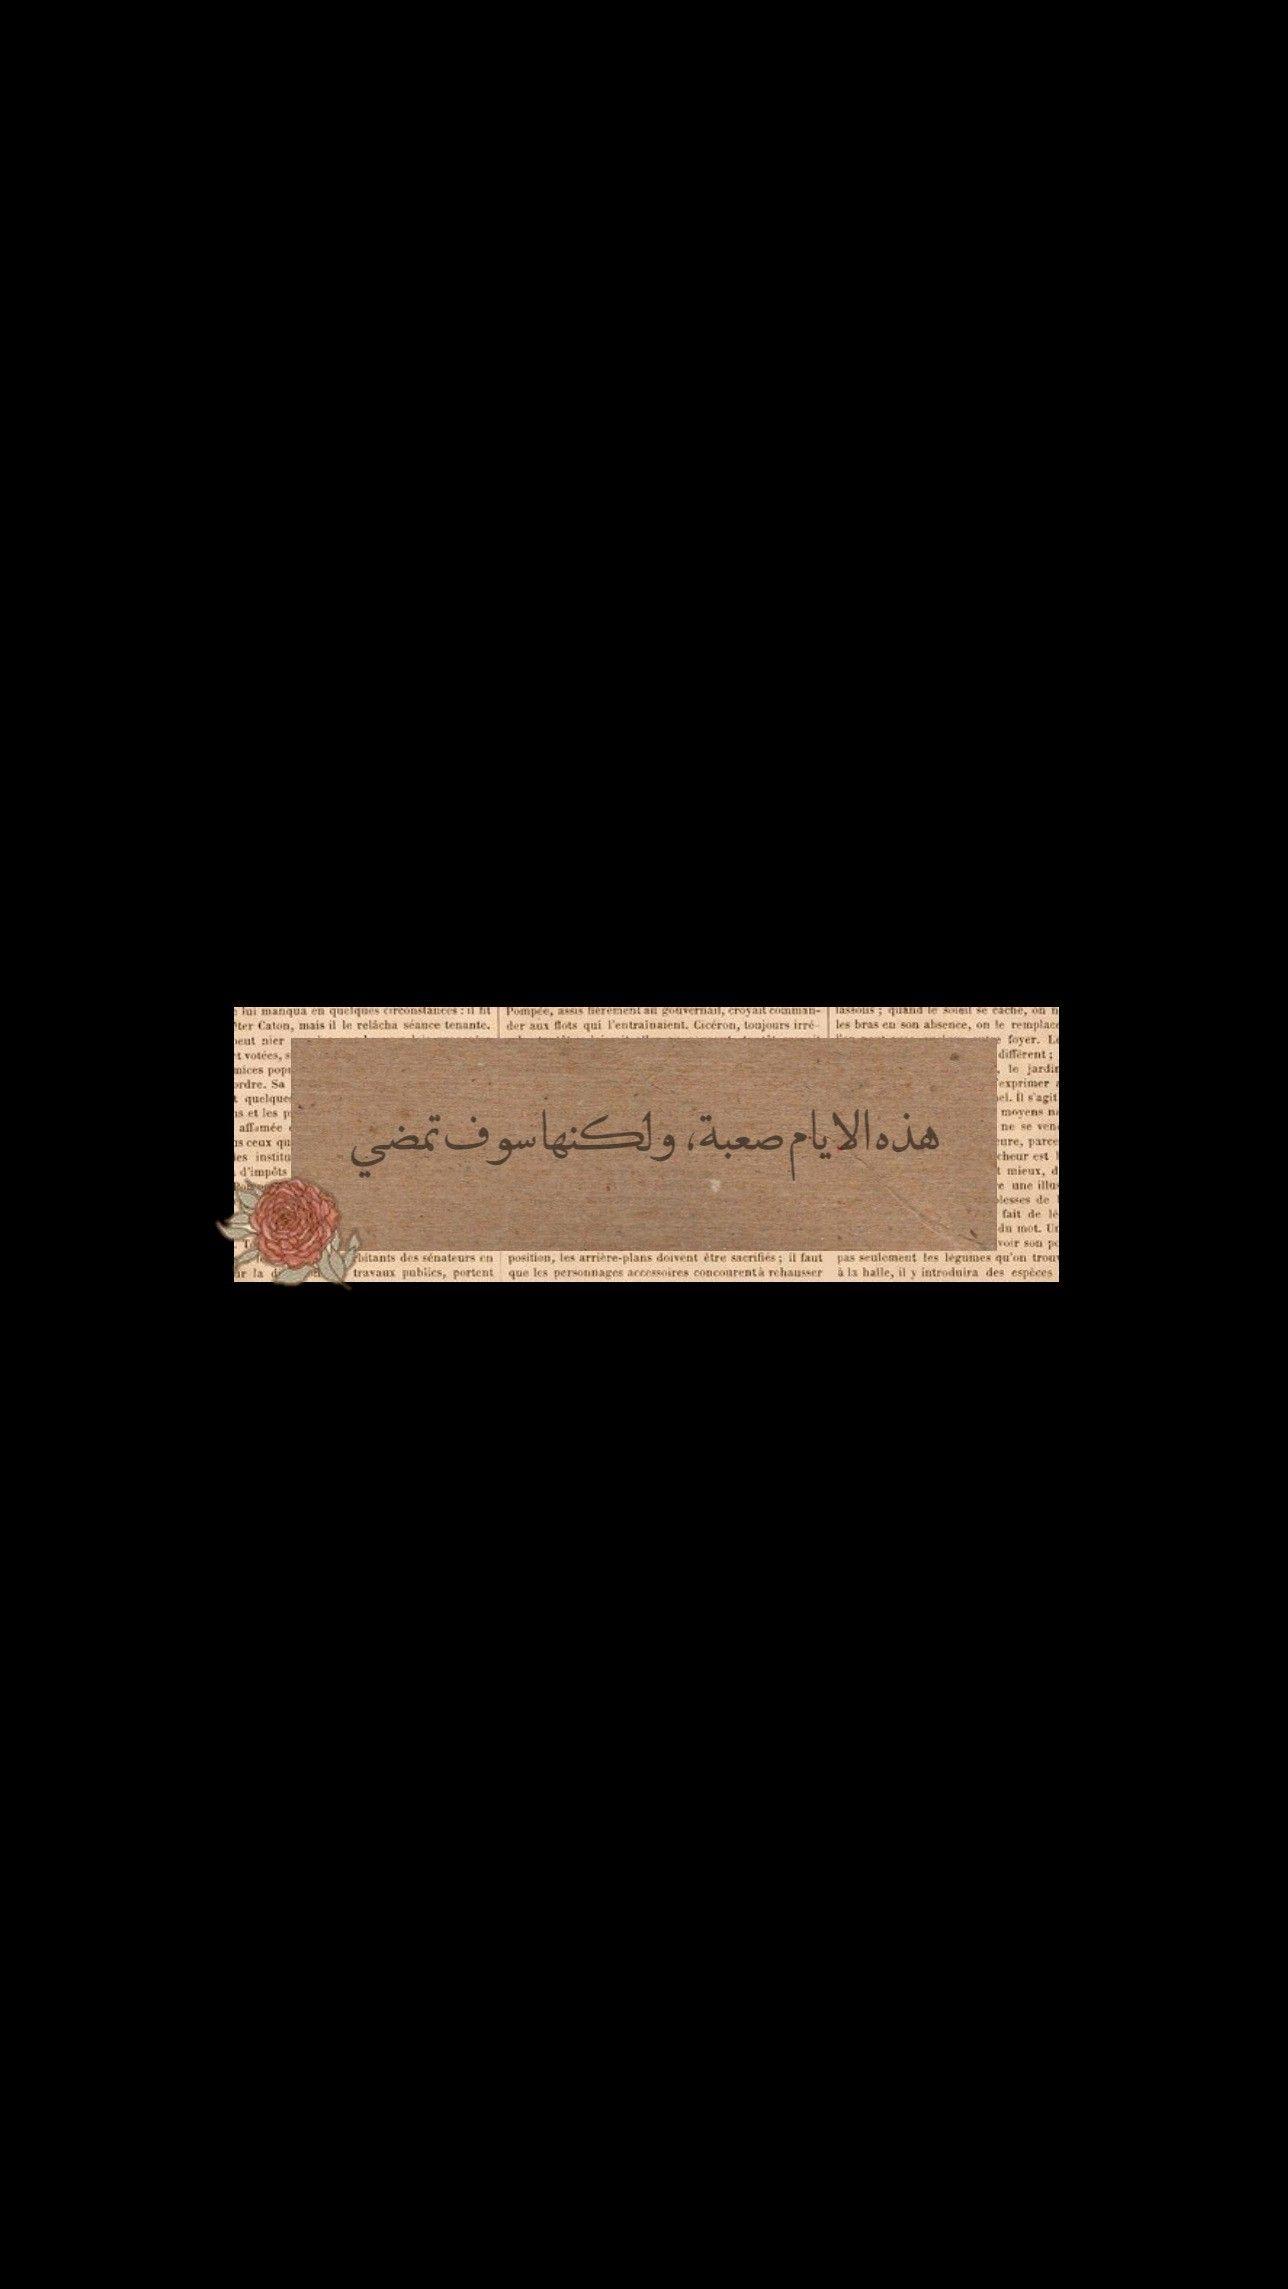 اقتباسات تليجرام تمبلر ستوري Islamic Love Quotes Cover Photo Quotes Photo Quotes